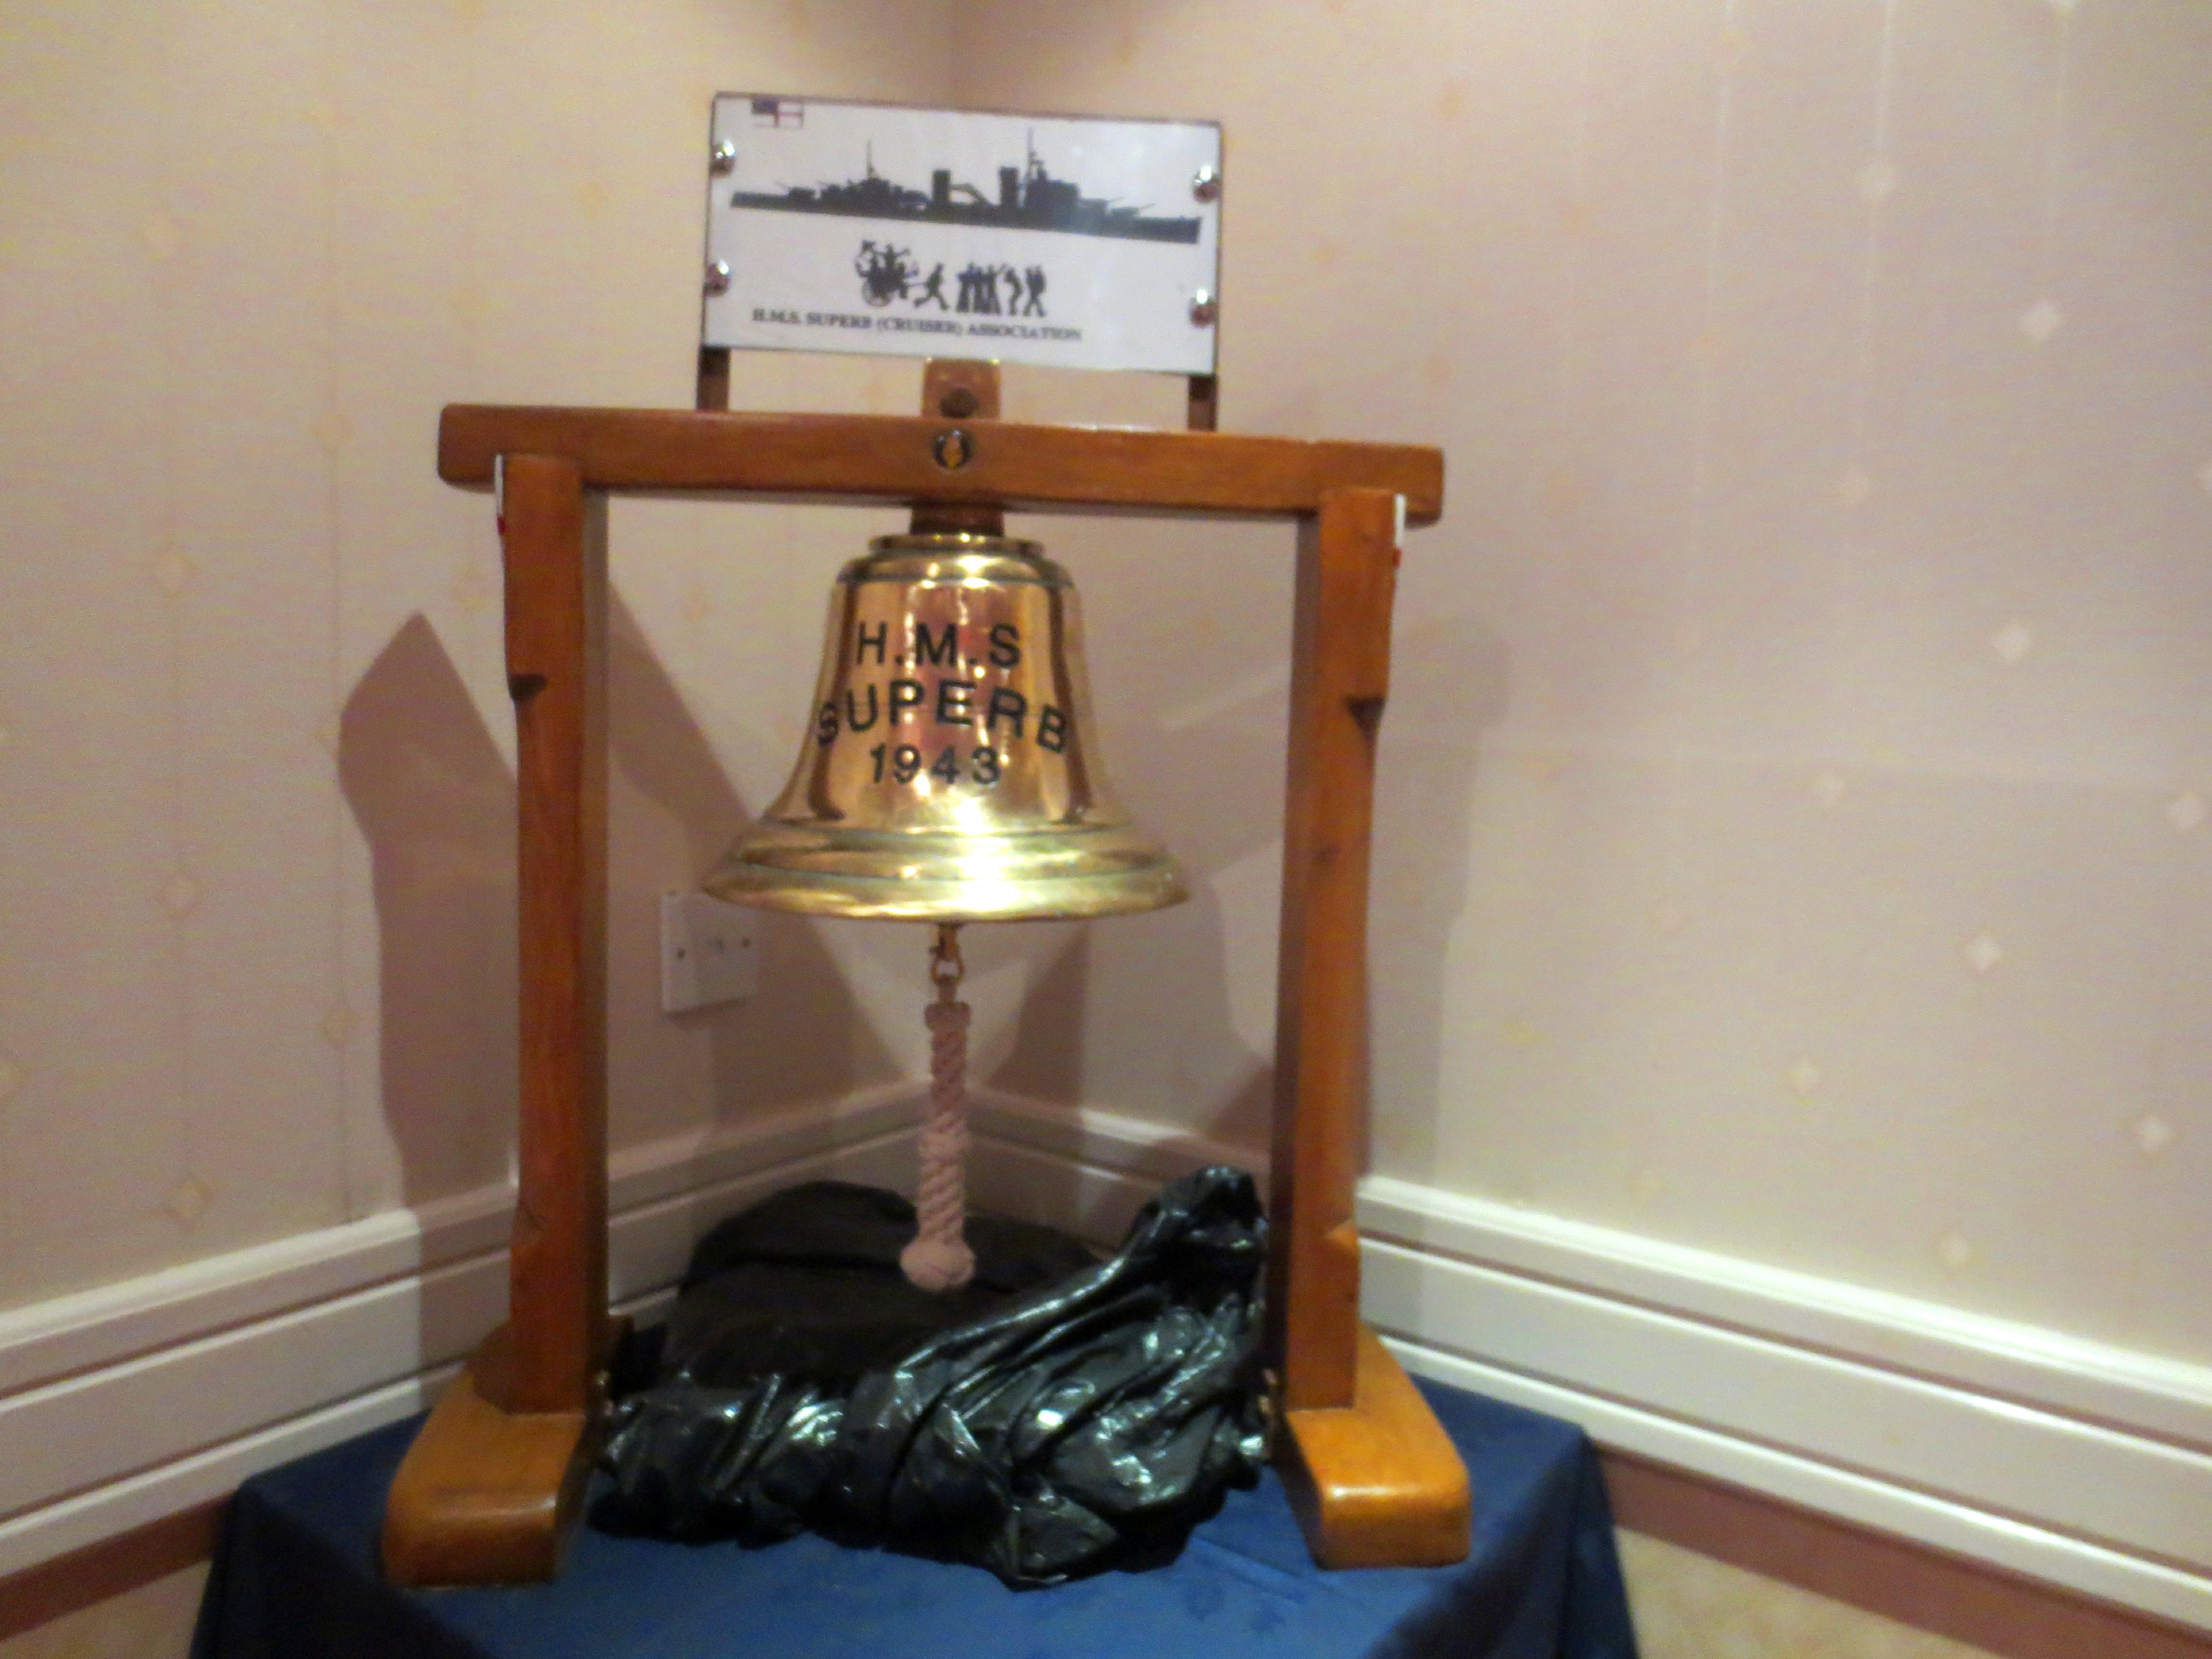 Model of ship's bell